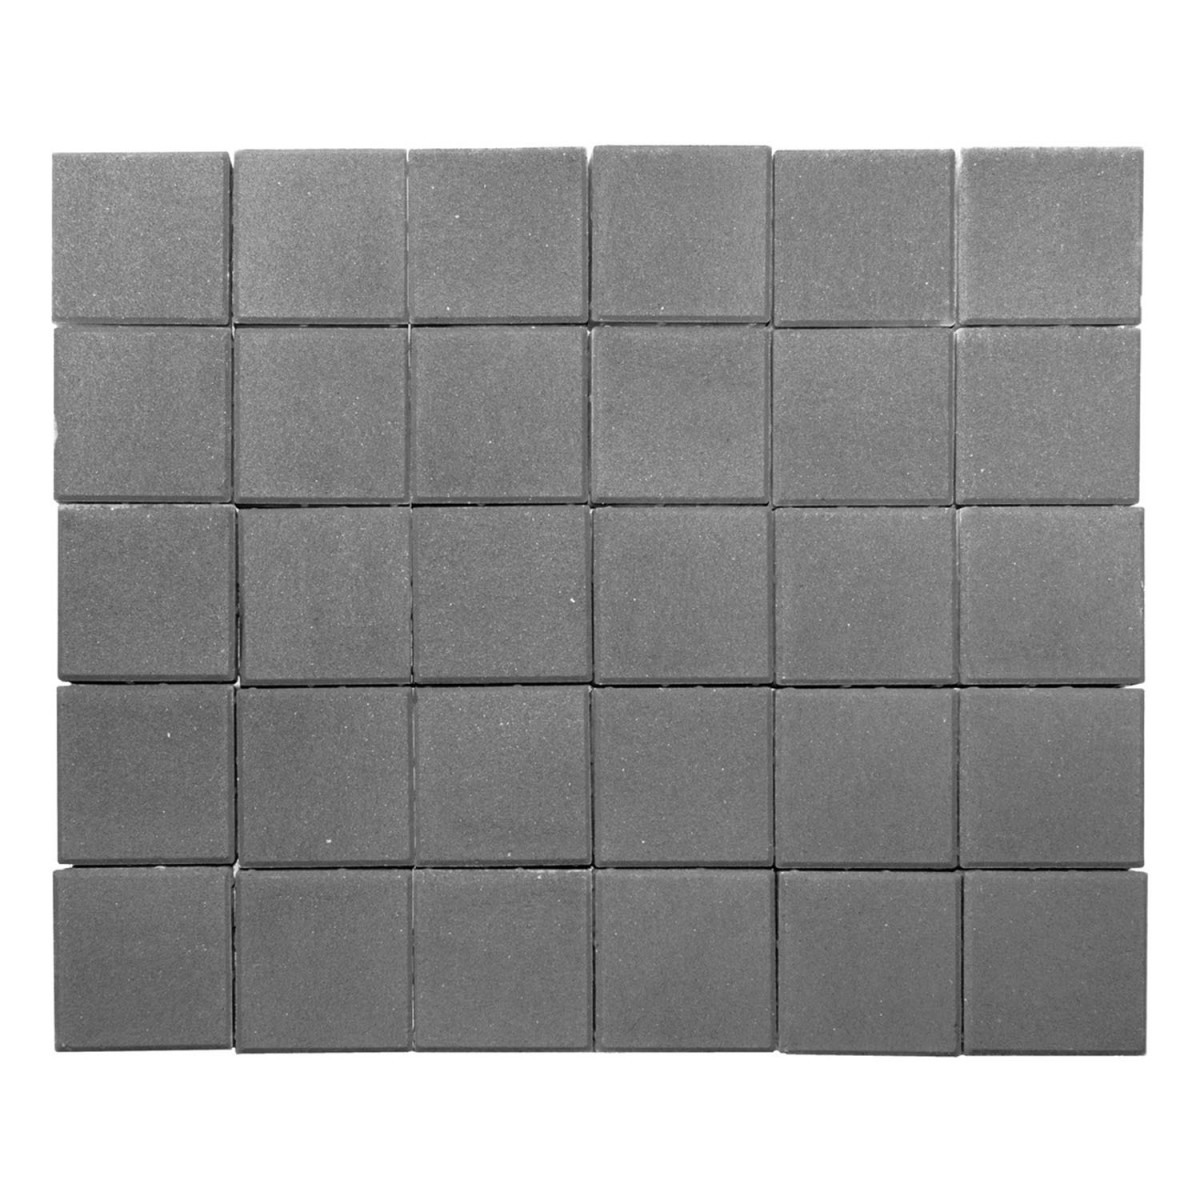 Плитка тротуарная двухслойная Braer Лувр 100х100x60 мм цвет серый